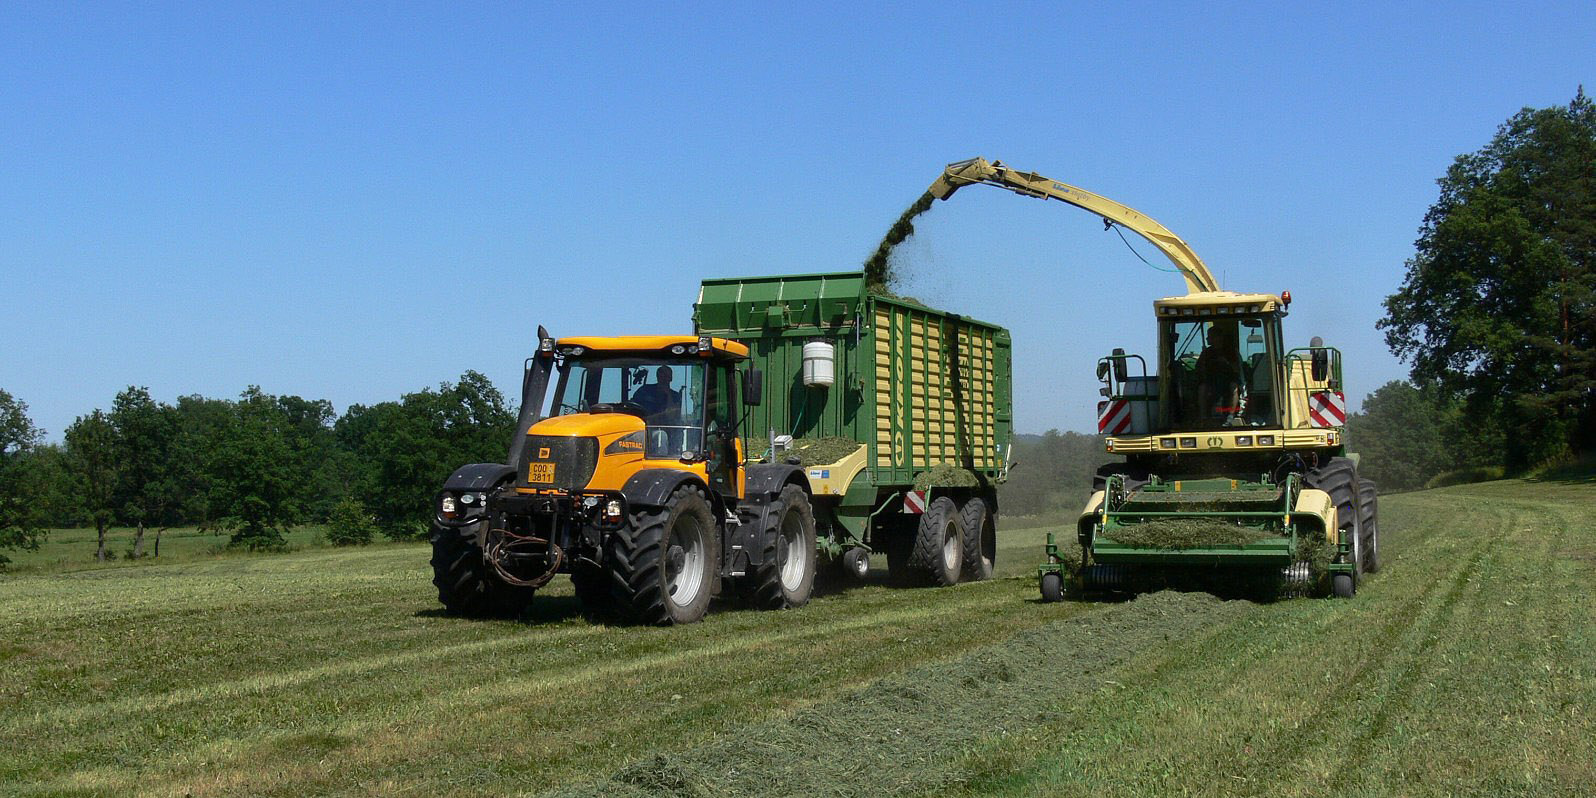 توسعه بخش کشاورزی مستلزم استقرار شرکتهای فنی مهندسی